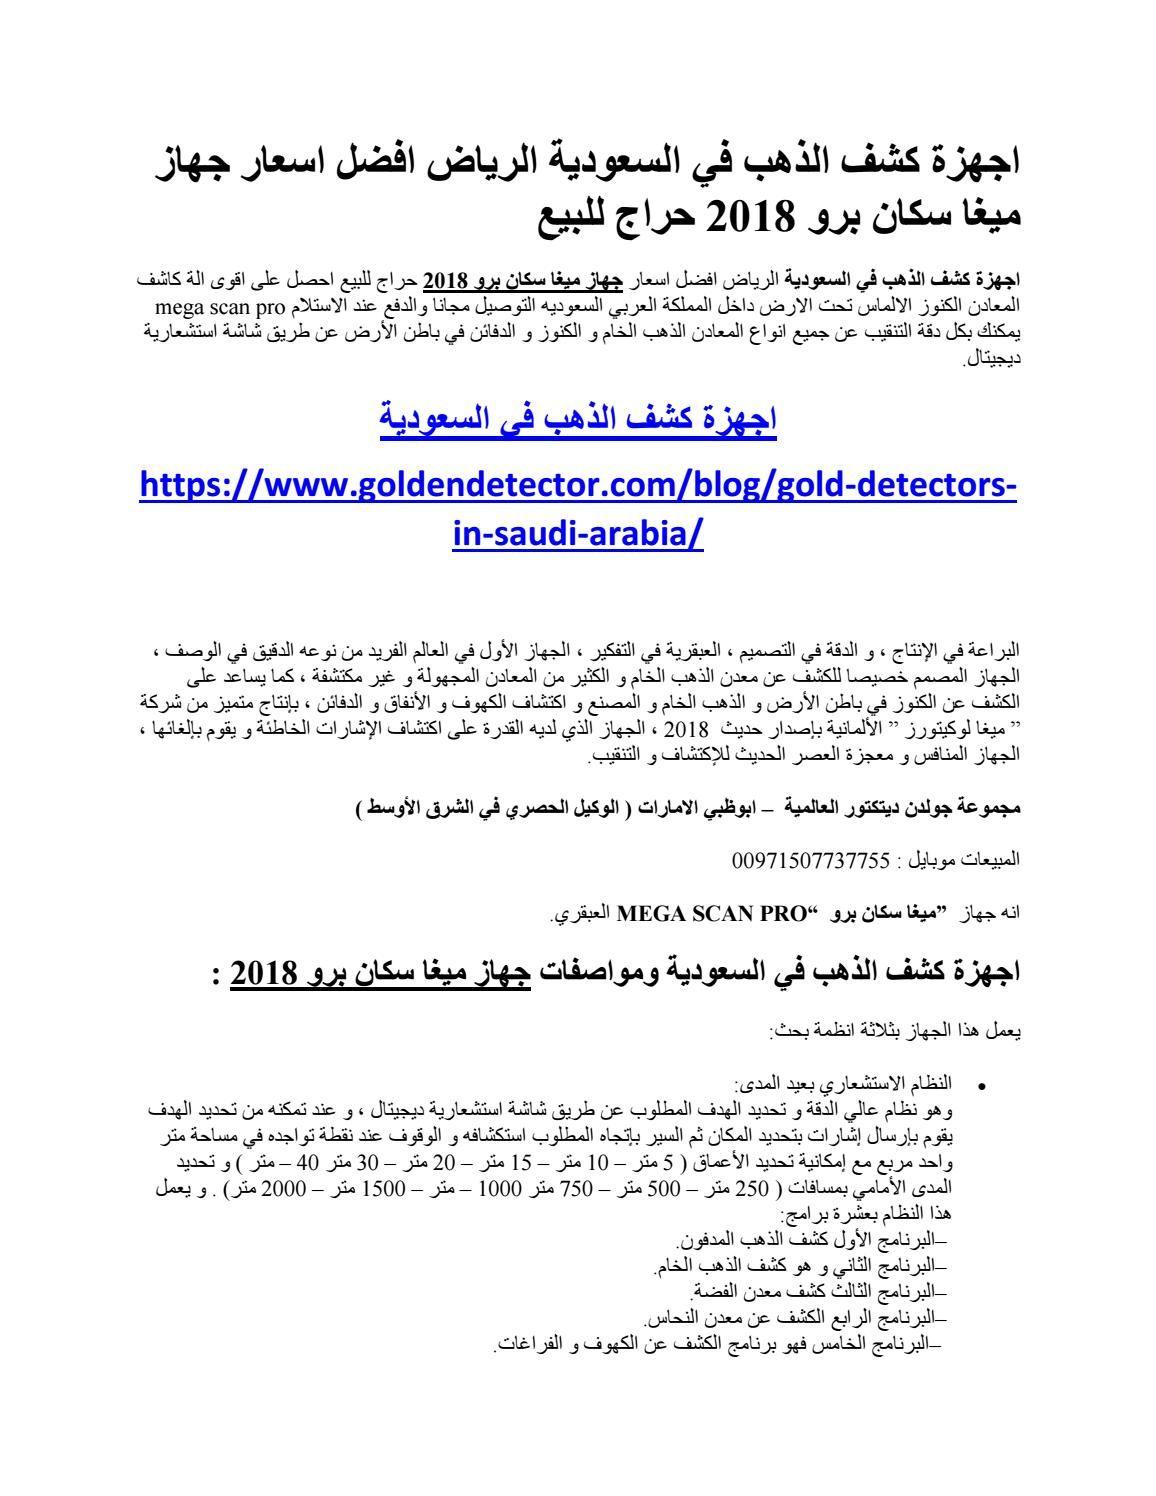 اجهزة كشف الذهب في السعودية الرياض افضل اسعار جهاز ميغا سكان برو 2018 حراج للبيع Metal Detector Dubai Uae Dubai